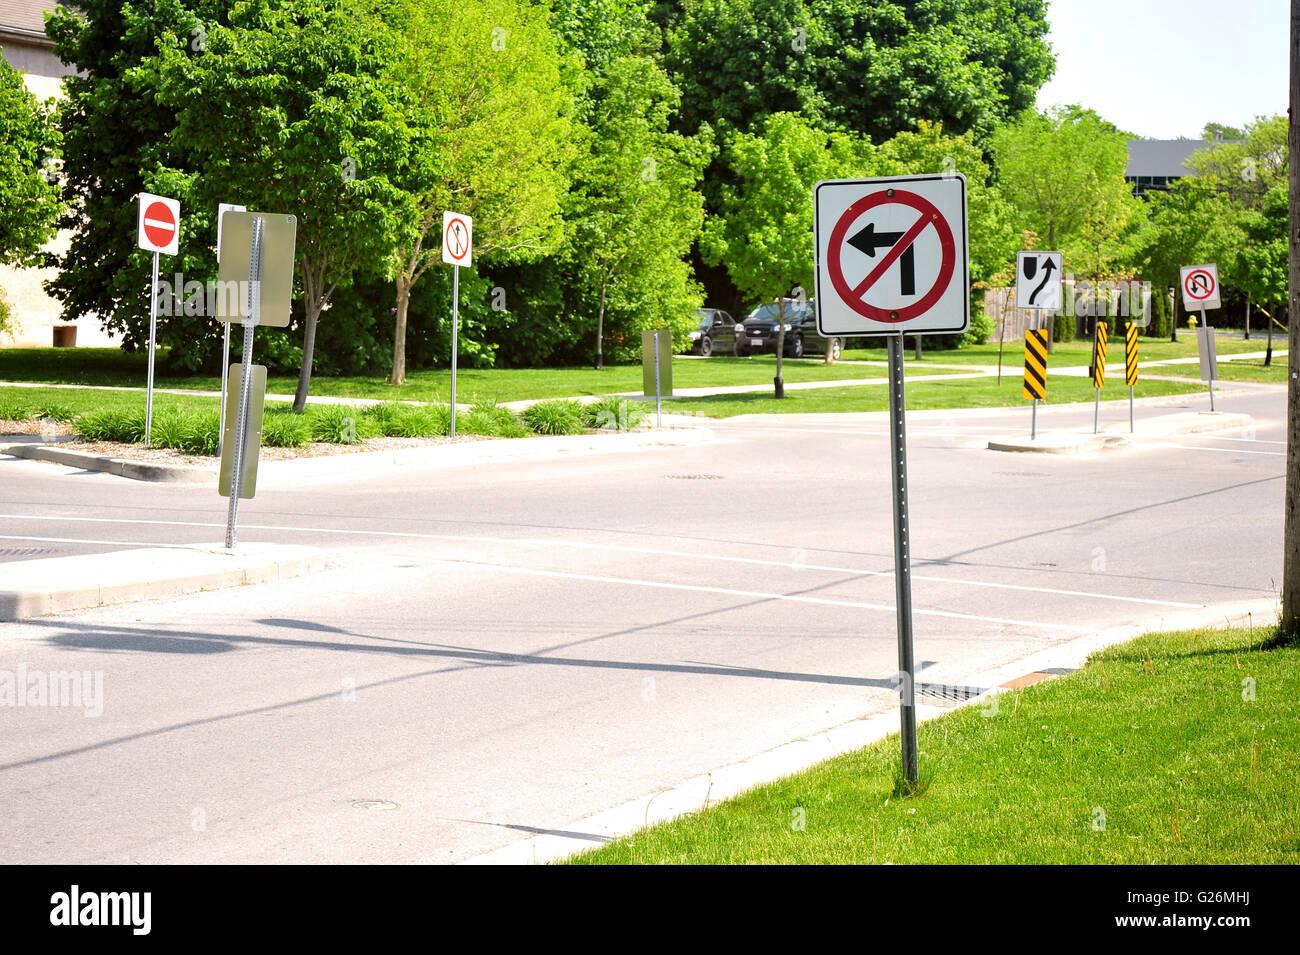 Es gibt viele Verkehrsschilder auf einer ruhigen Kreuzung in London, Ontario in Kanada. Stockbild